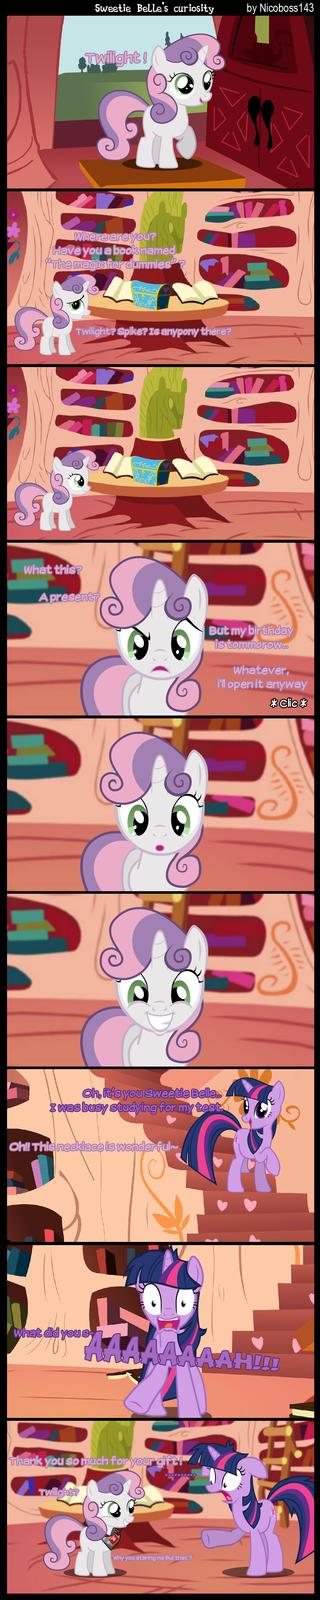 Sweetie Belle's curiosity